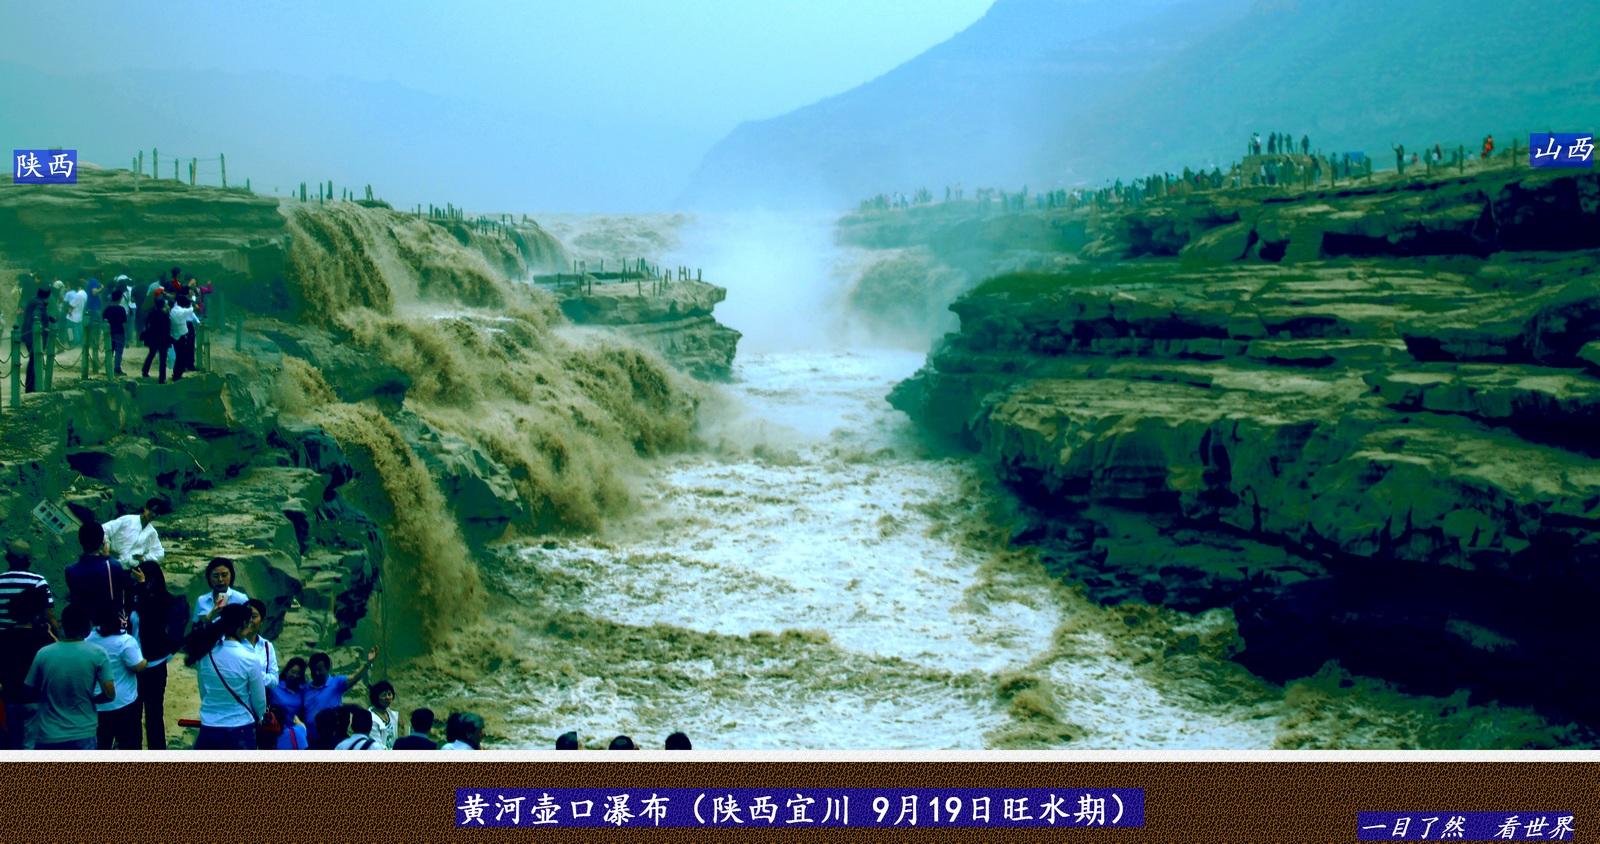 黄河壶口瀑布-005-1600.jpg